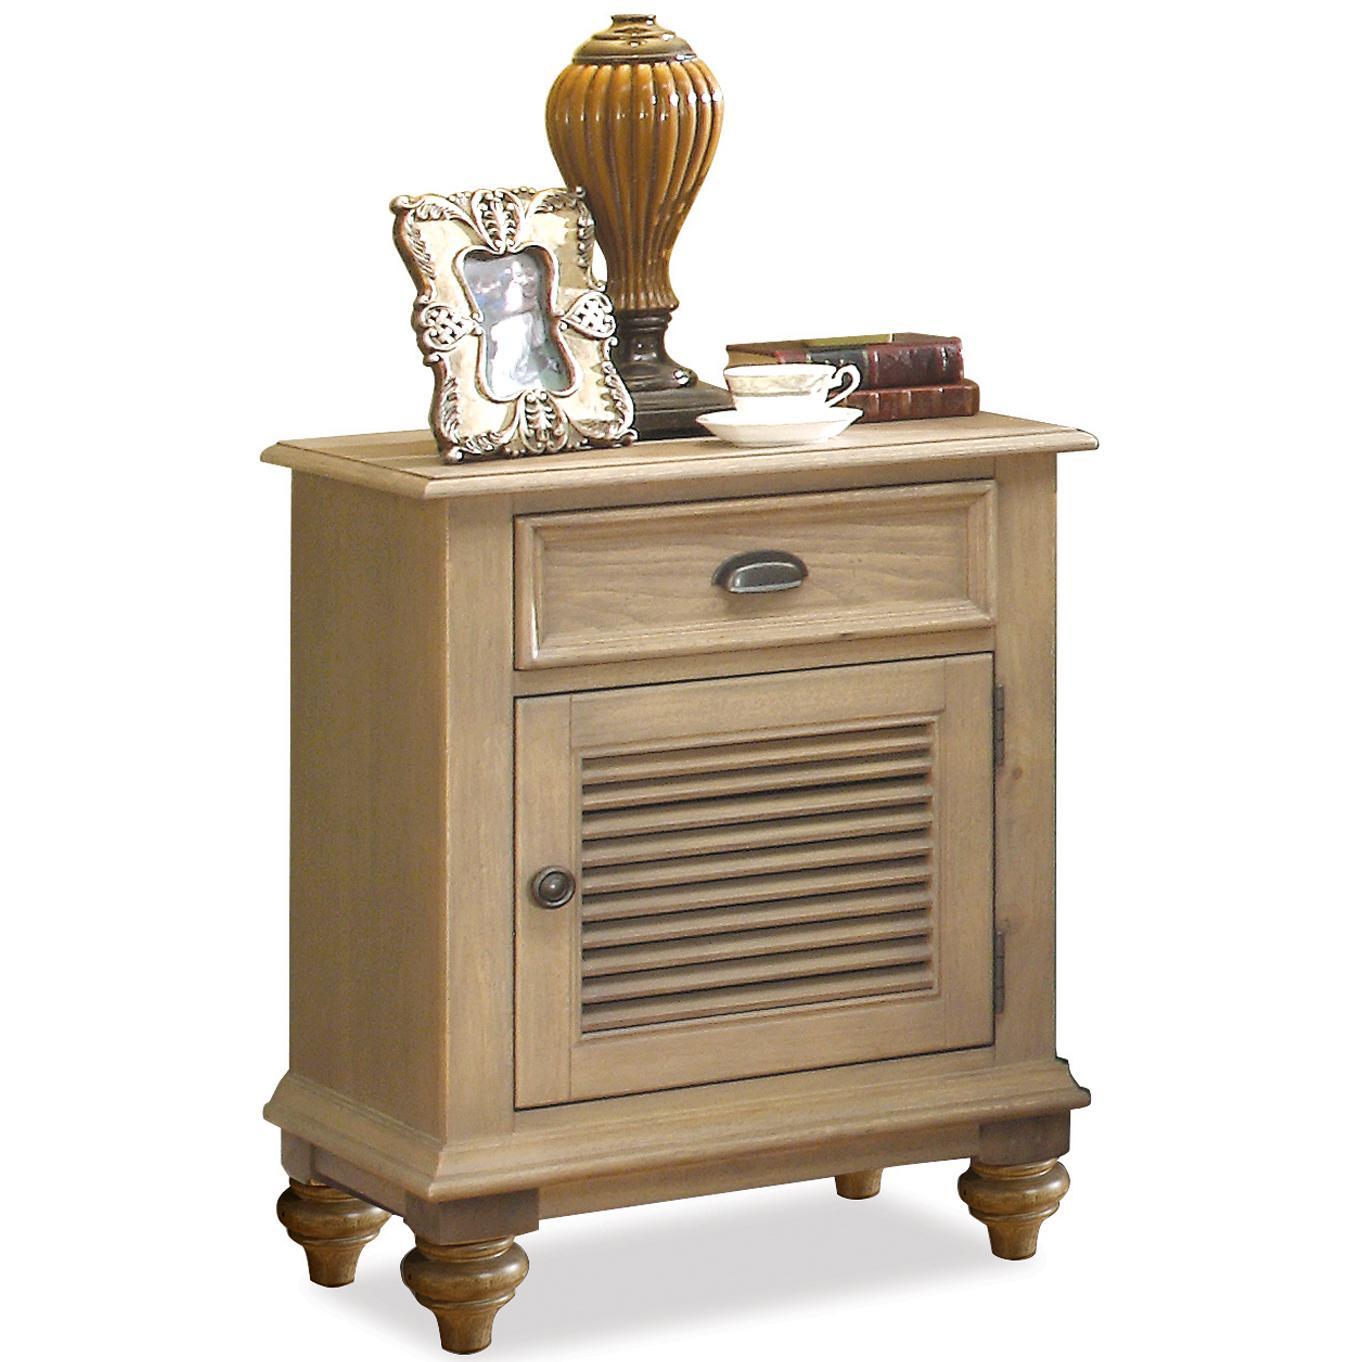 Riverside Furniture Coventry Shutter Door Nightstand - Item Number: 32469